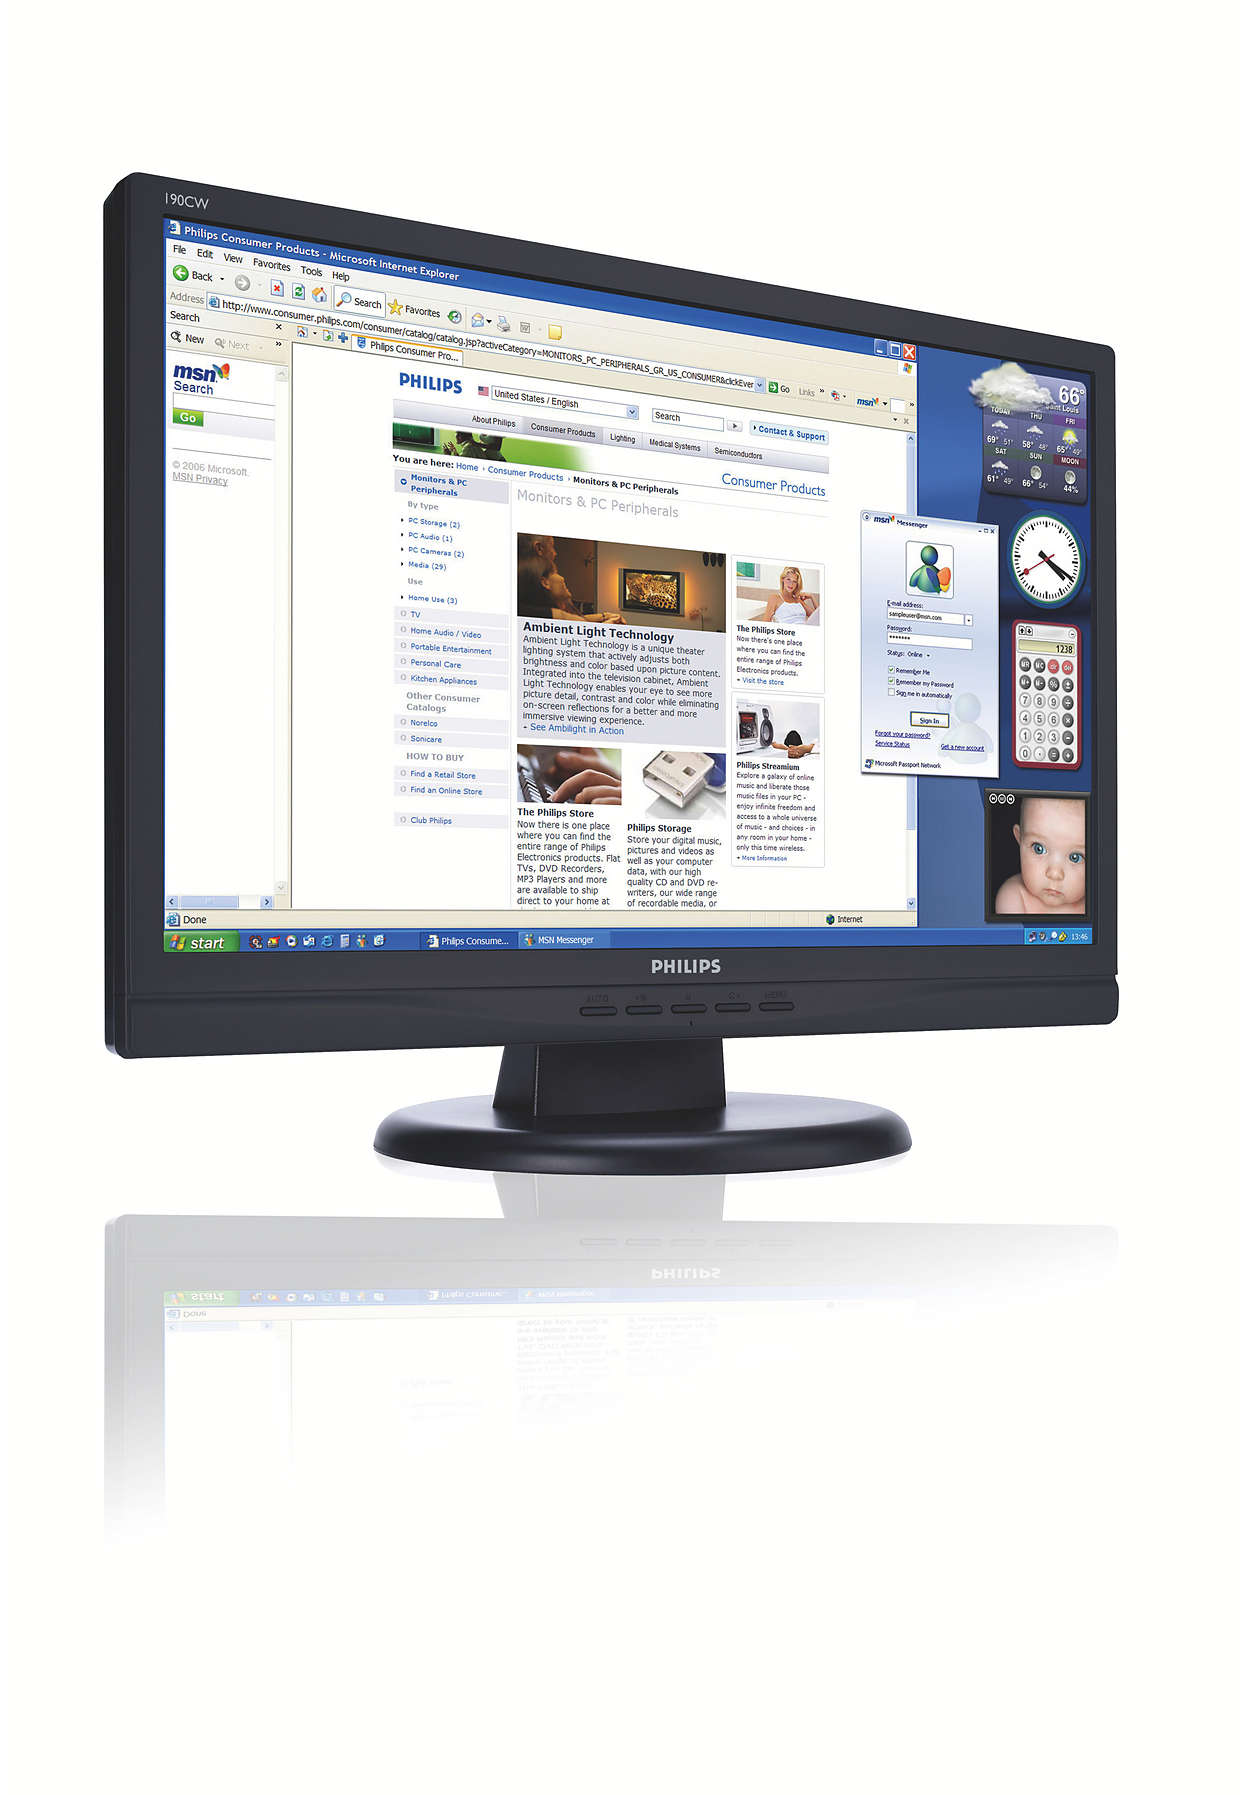 จอภาพ LCD แบบจอกว้างที่คุ้มค่าเงินที่สุด